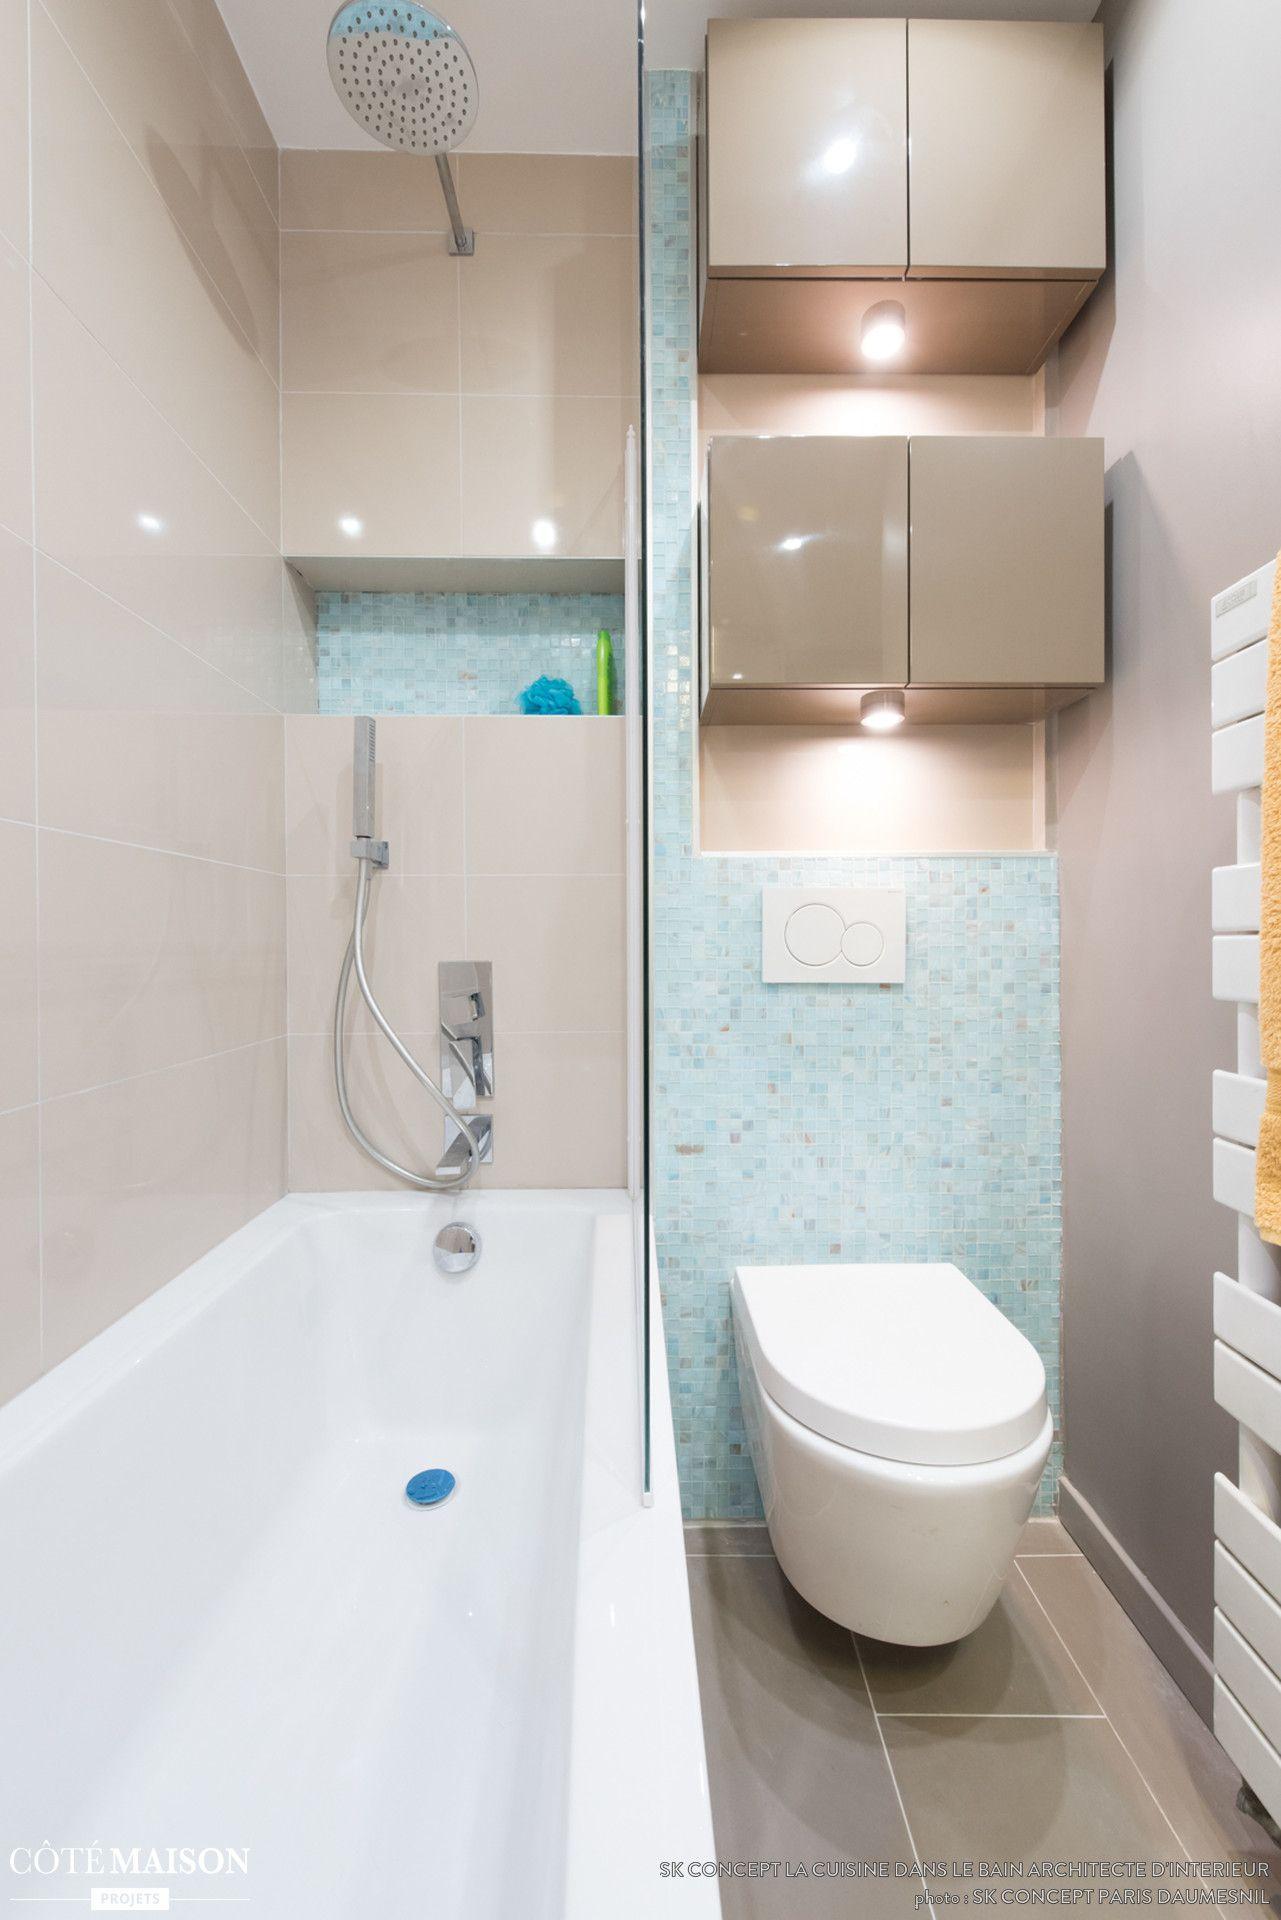 Salle de bain concept gain de place avec du mobilier design ...